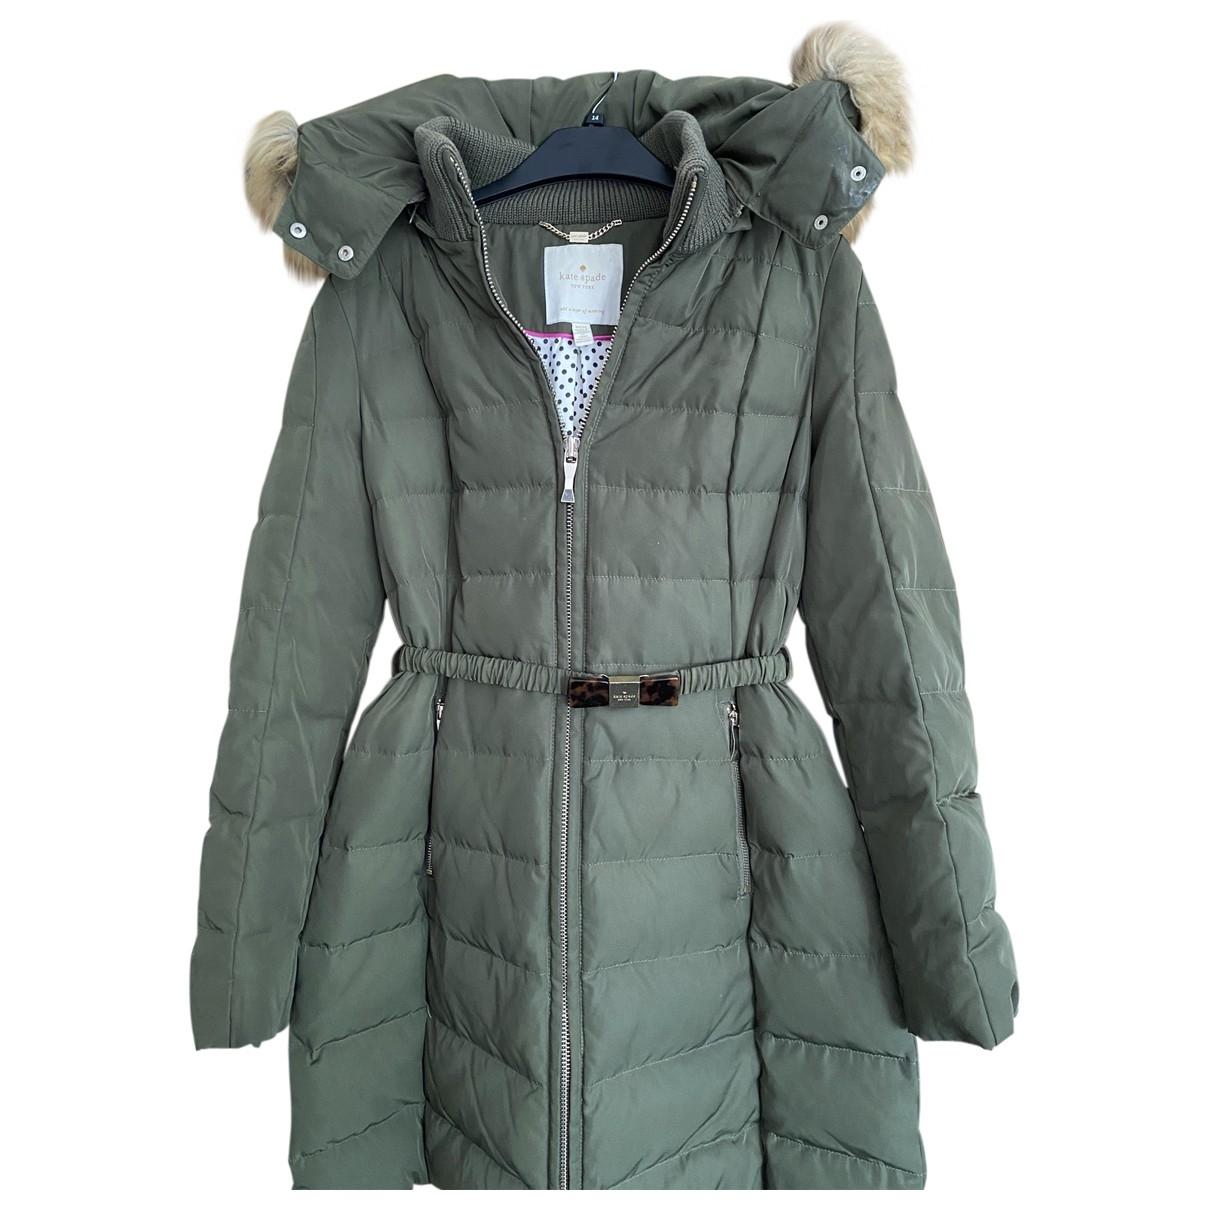 Kate Spade - Manteau   pour femme - vert